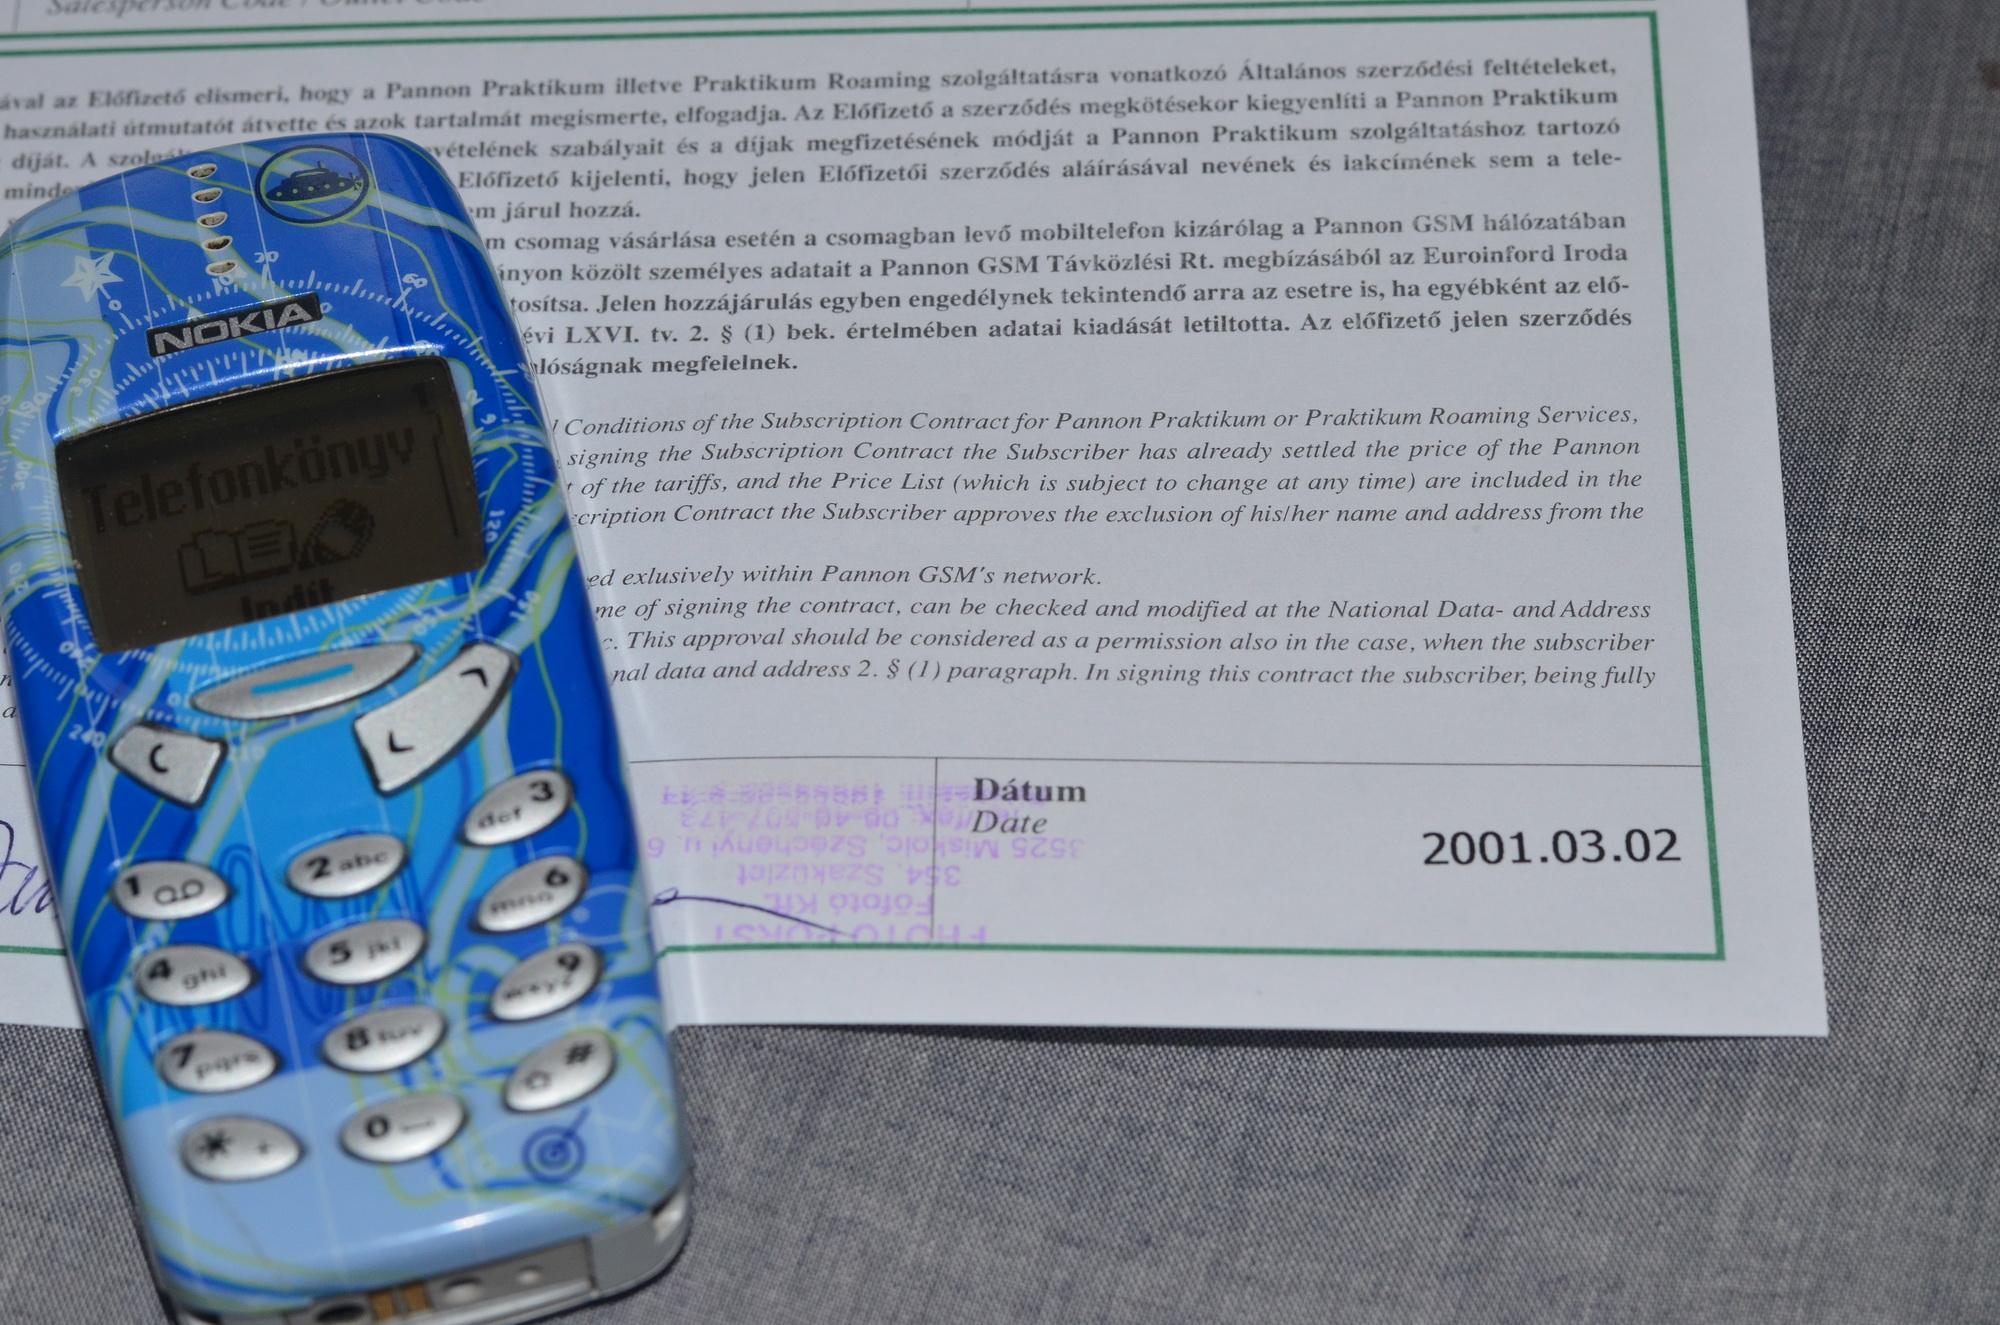 Hölgyeim és uraim, íme Magyarország legrégebben használt mobiltelefonjai